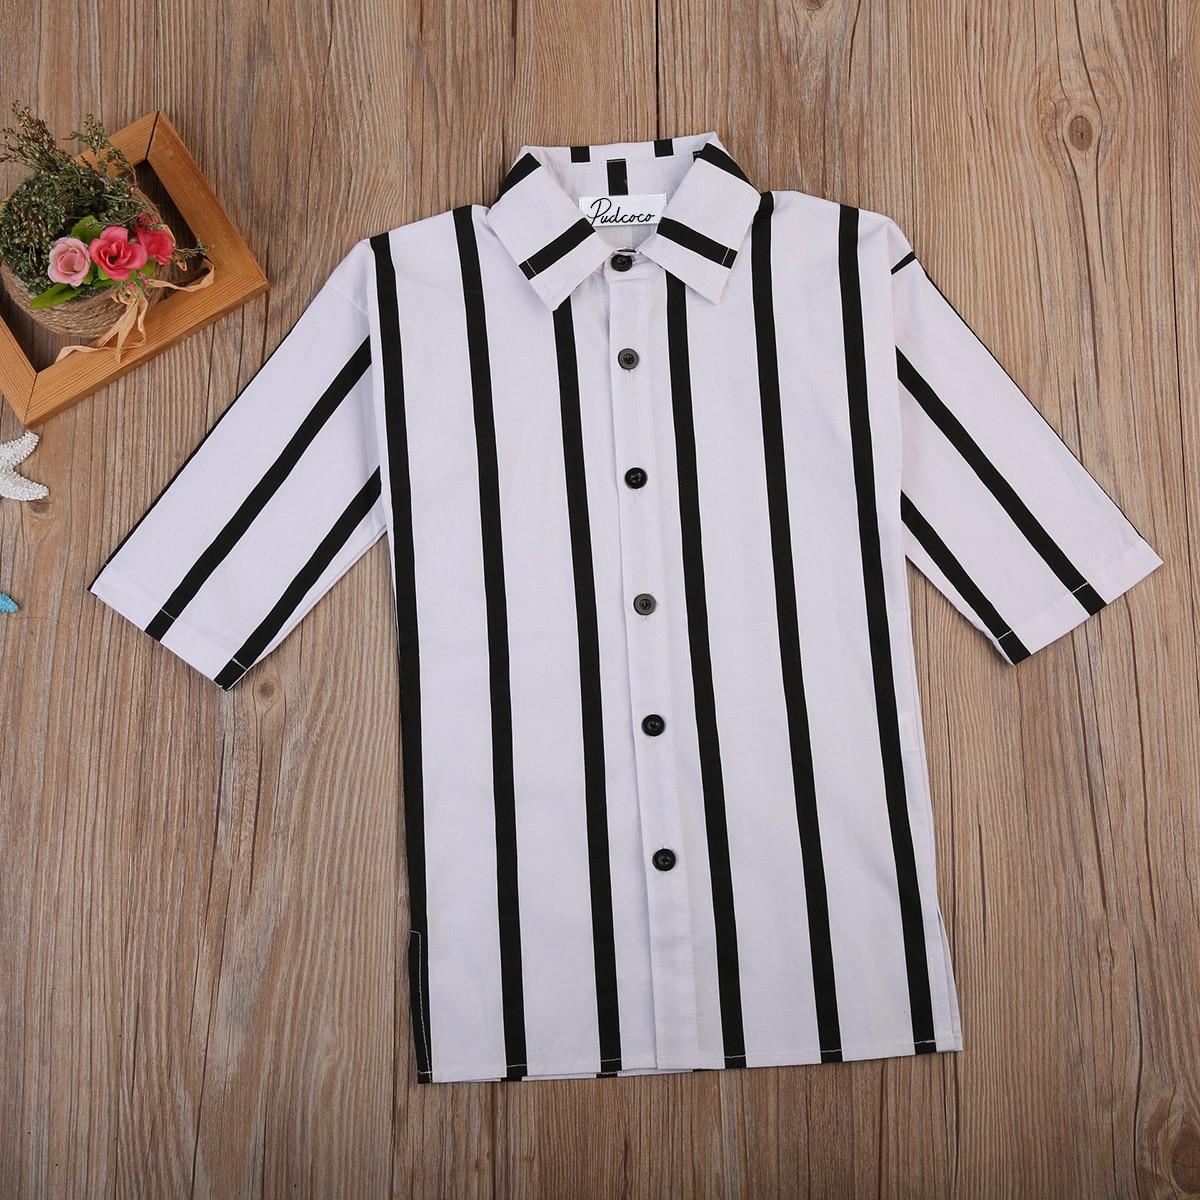 2017 новые повседневные платья-рубашки с длинными рукавами и кнопками, детское платье в полоску для девочек, одежда, От 1 до 6 лет